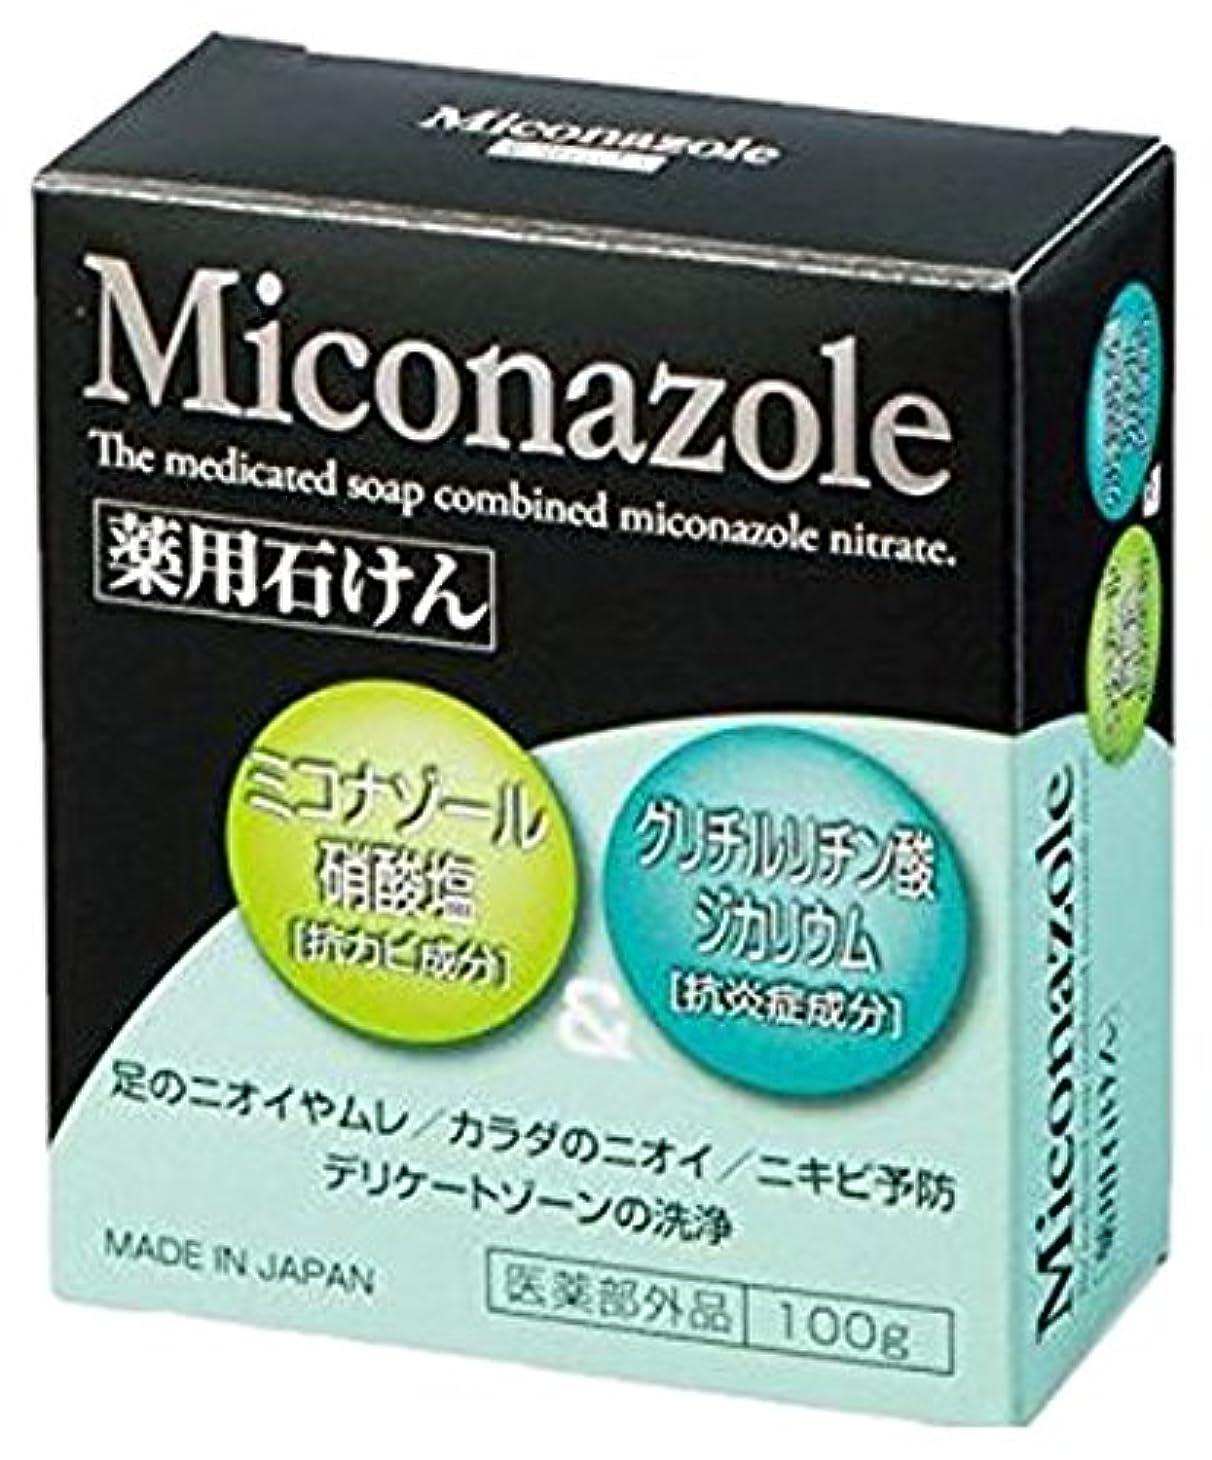 びっくりしたジュラシックパーク復活白金製薬 ミコナゾール 薬用石けん ココデオード 100g [医薬部外品]